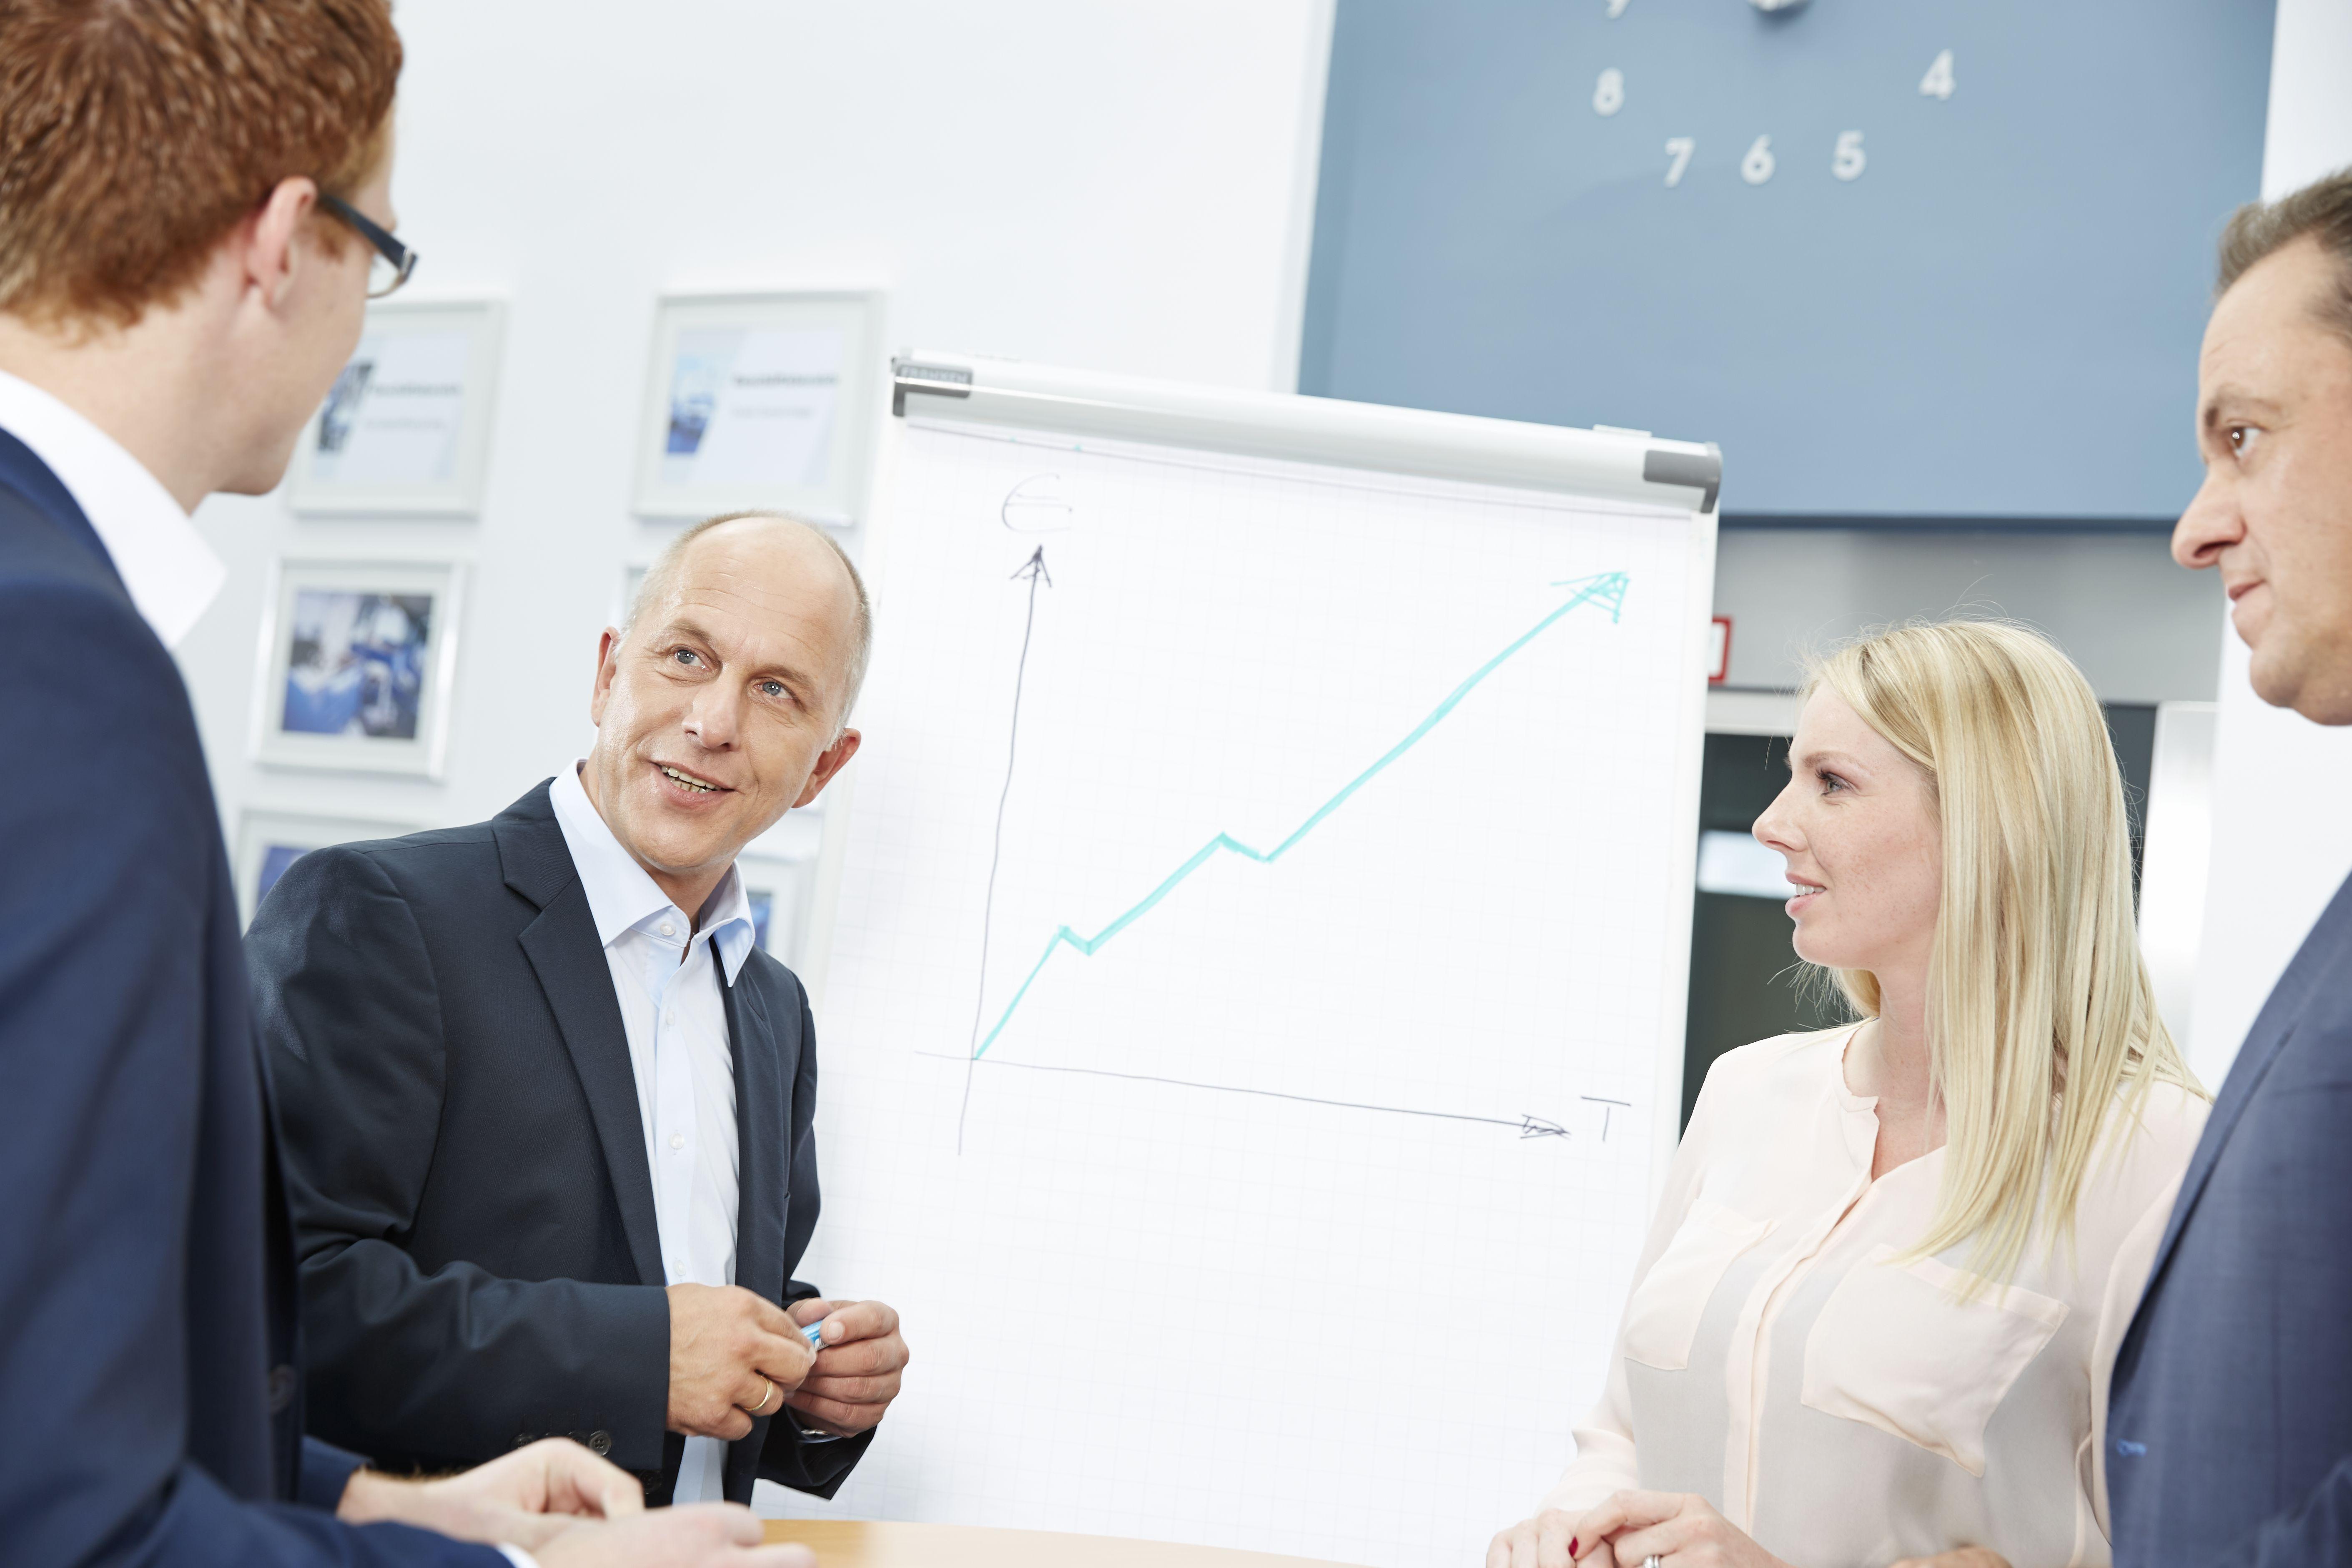 Tönsmeier Management GmbH & Co. KG